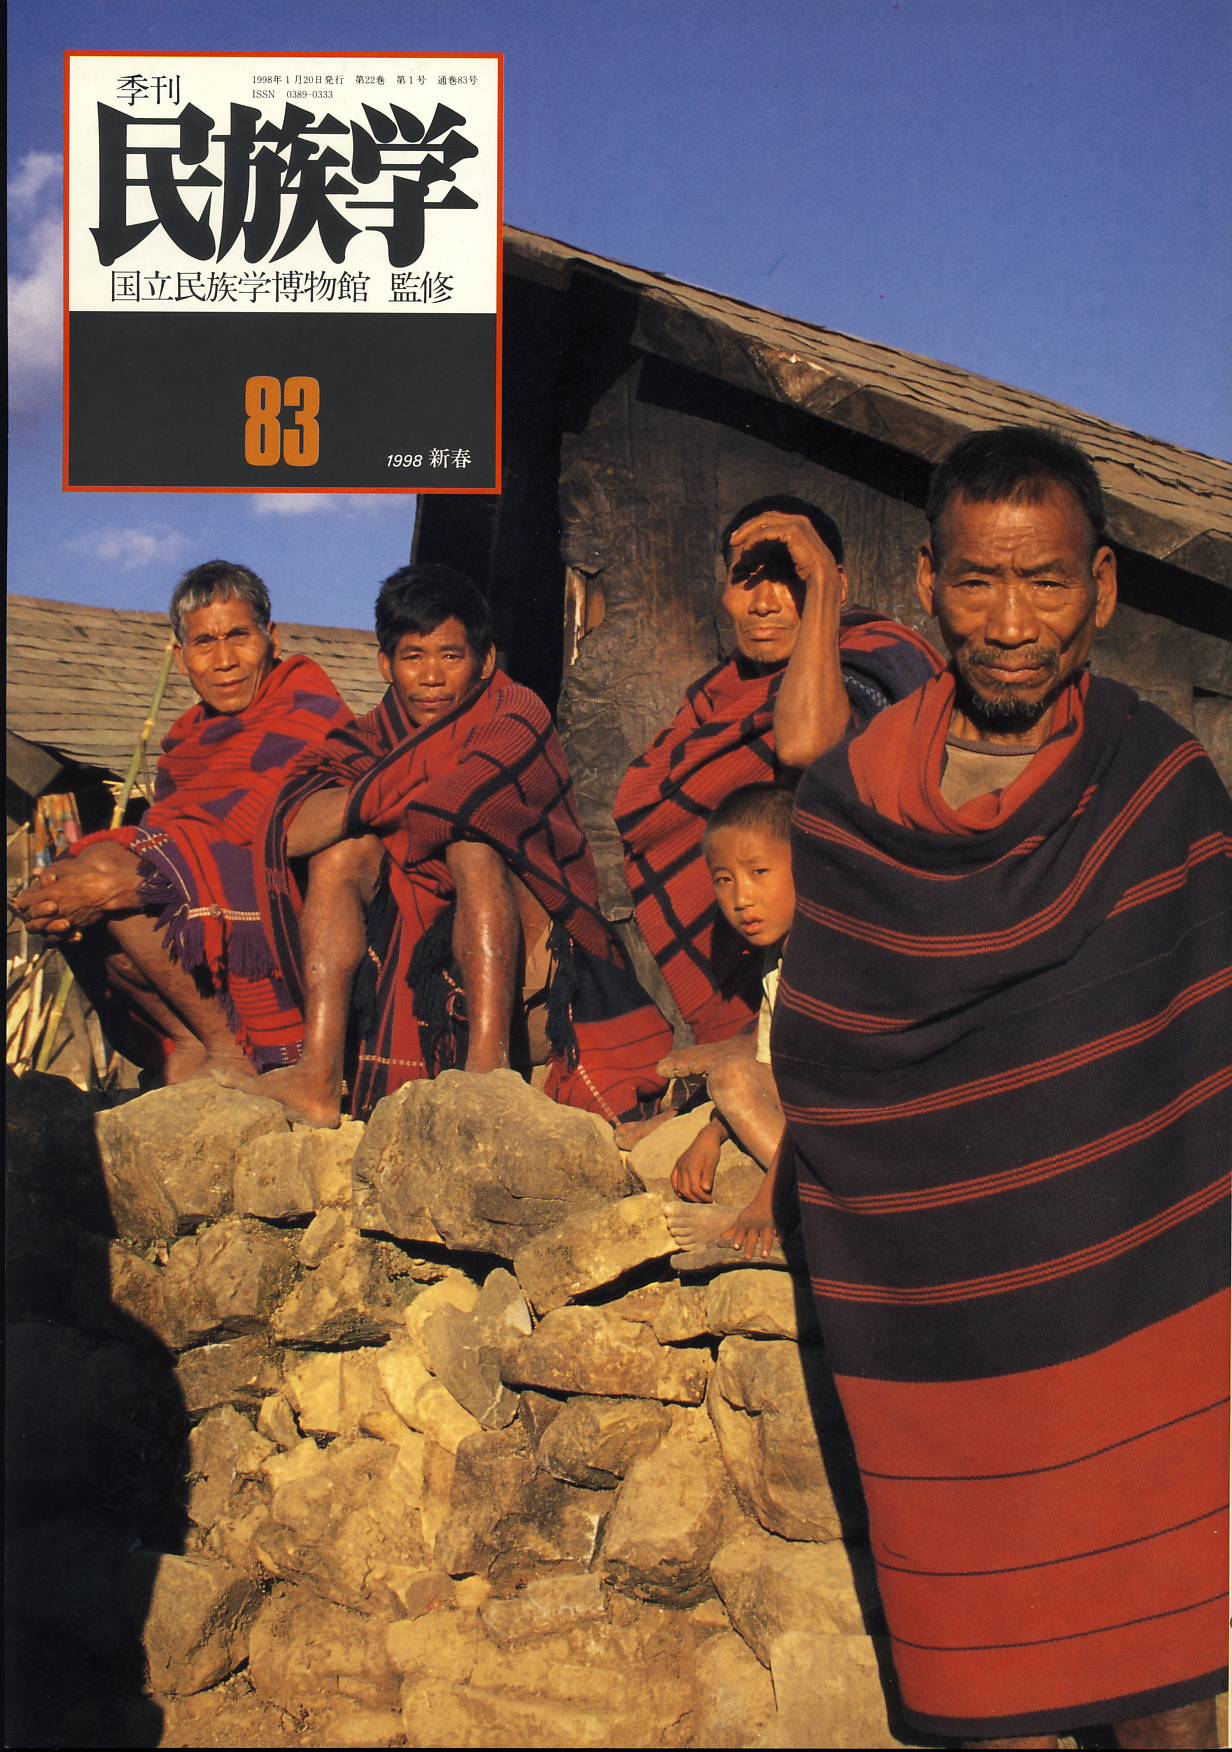 83号 1998年 新春